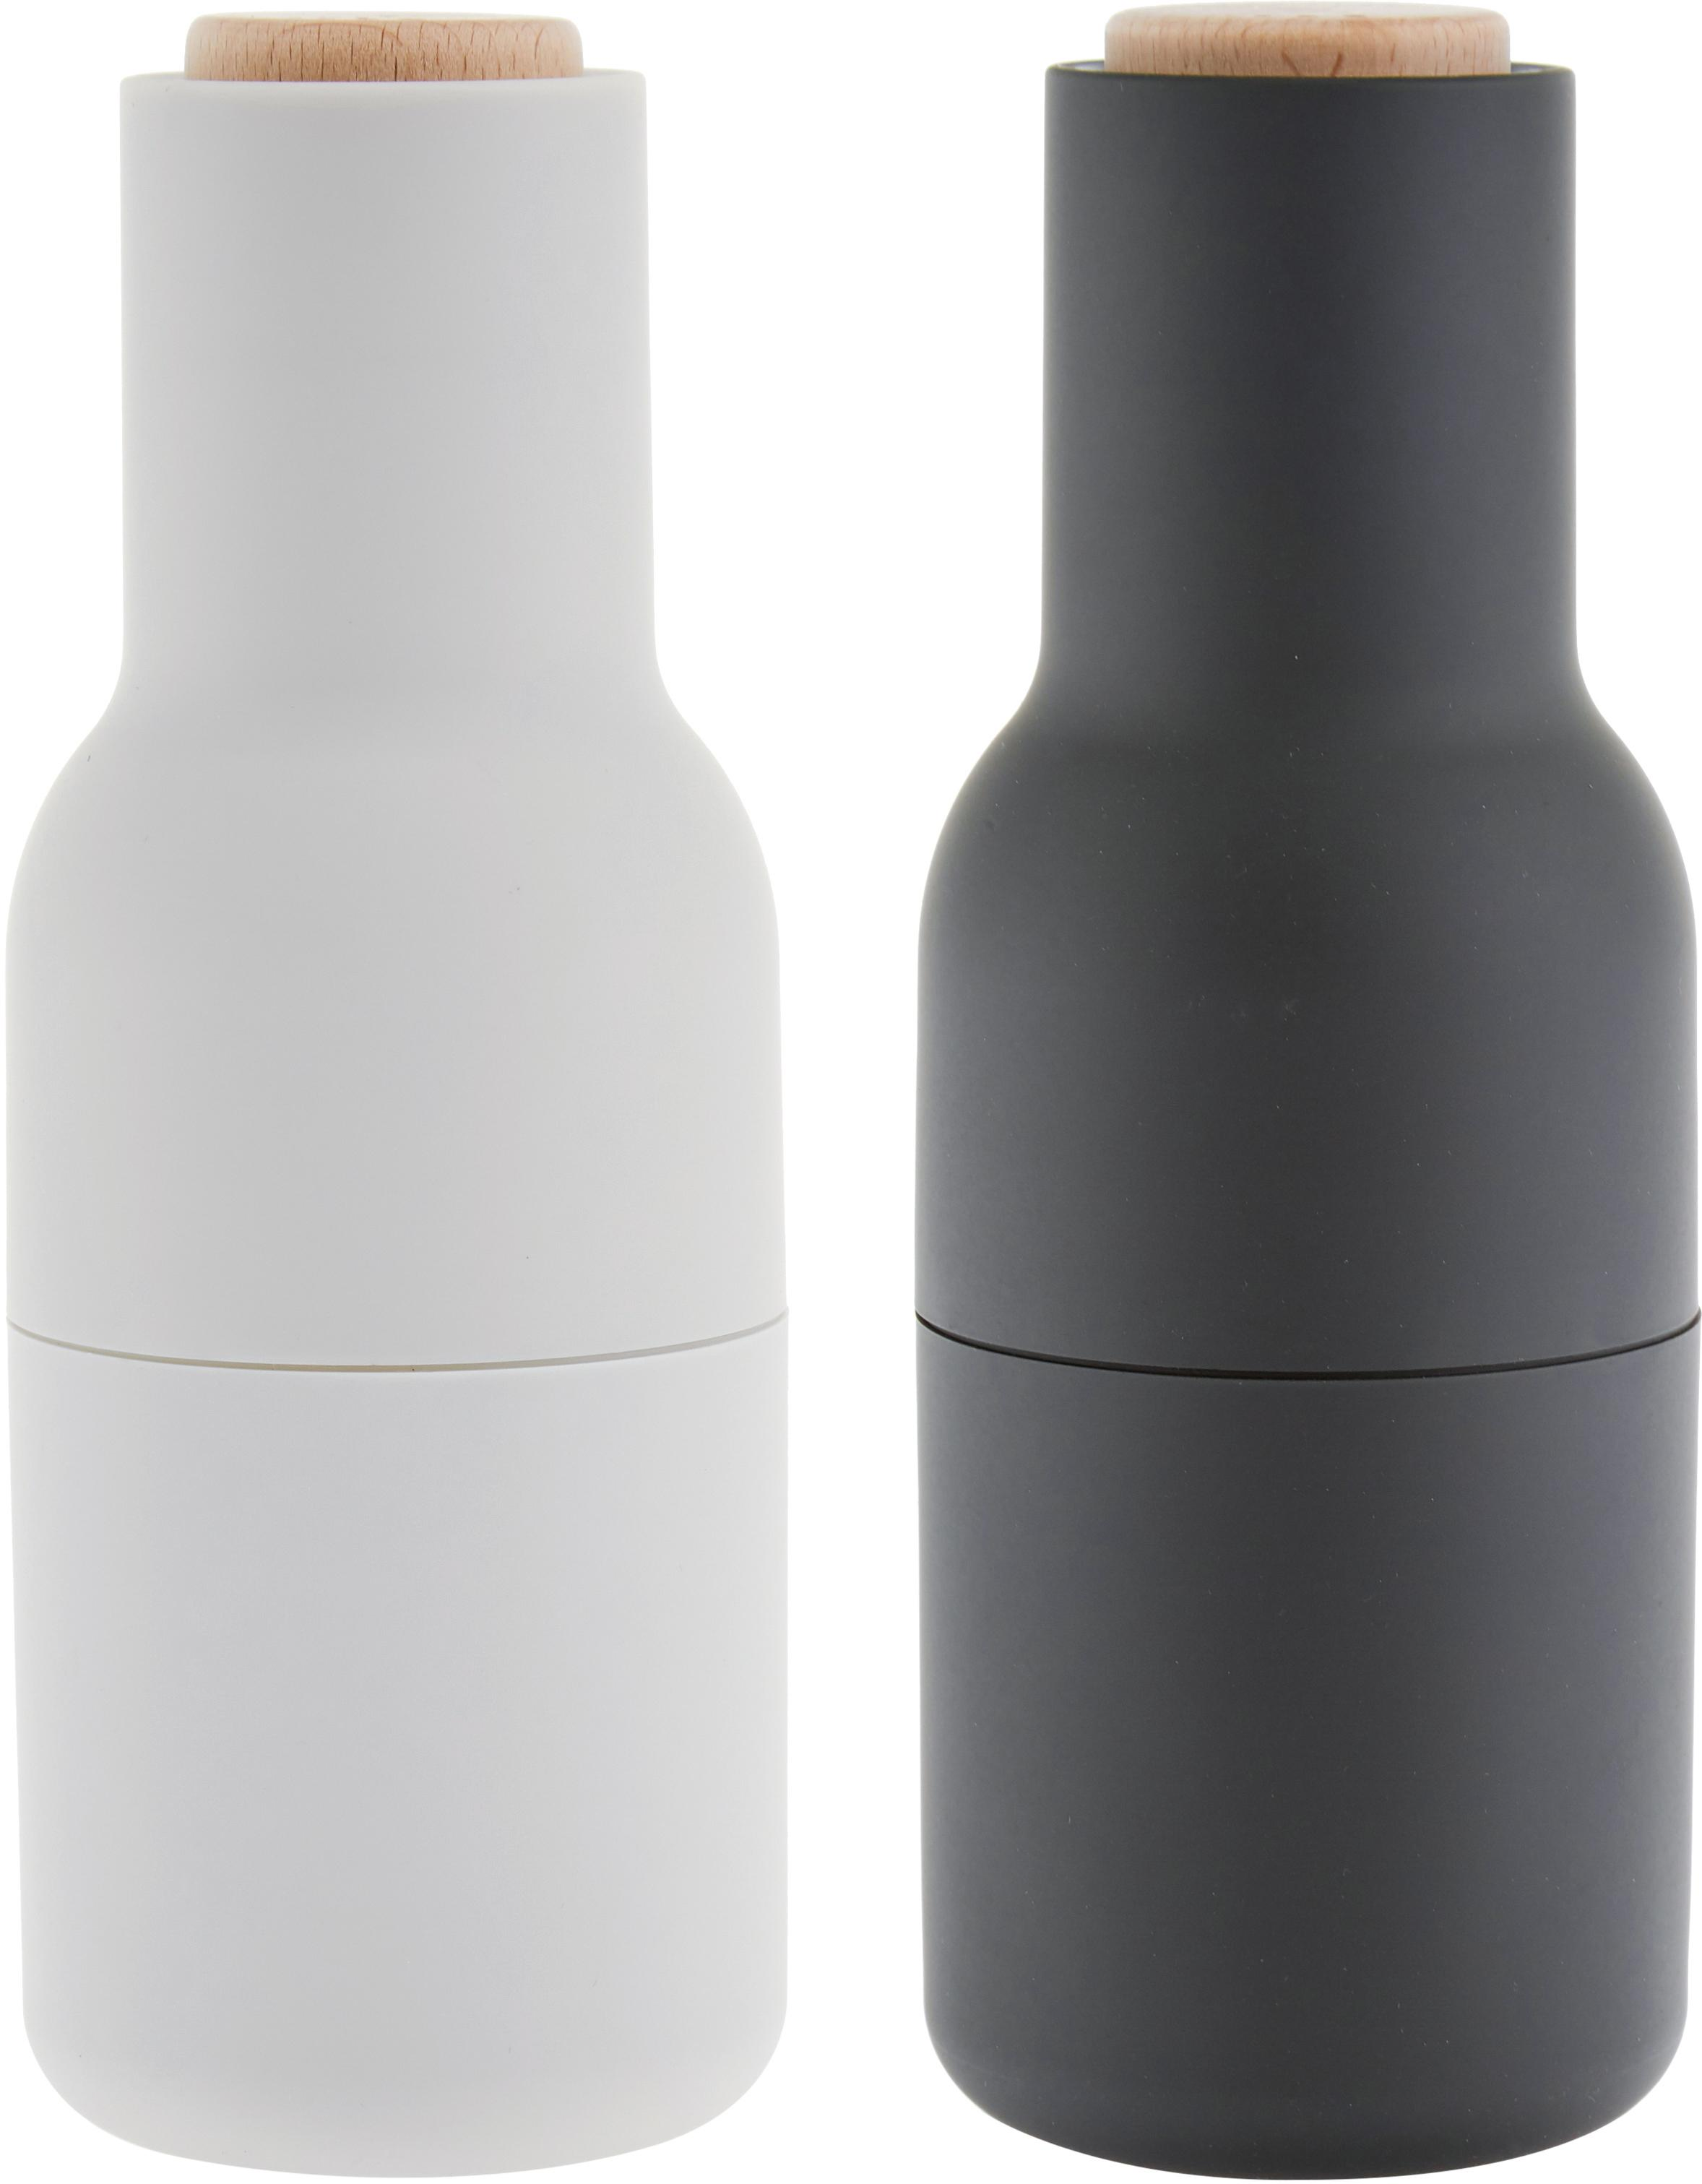 Peper- en zoutmolen Bottle Grinder, 2-delig, Frame: kunststof, Deksel: hout, Antraciet, lichtgrijs, bruin, Ø 8 x H 21 cm